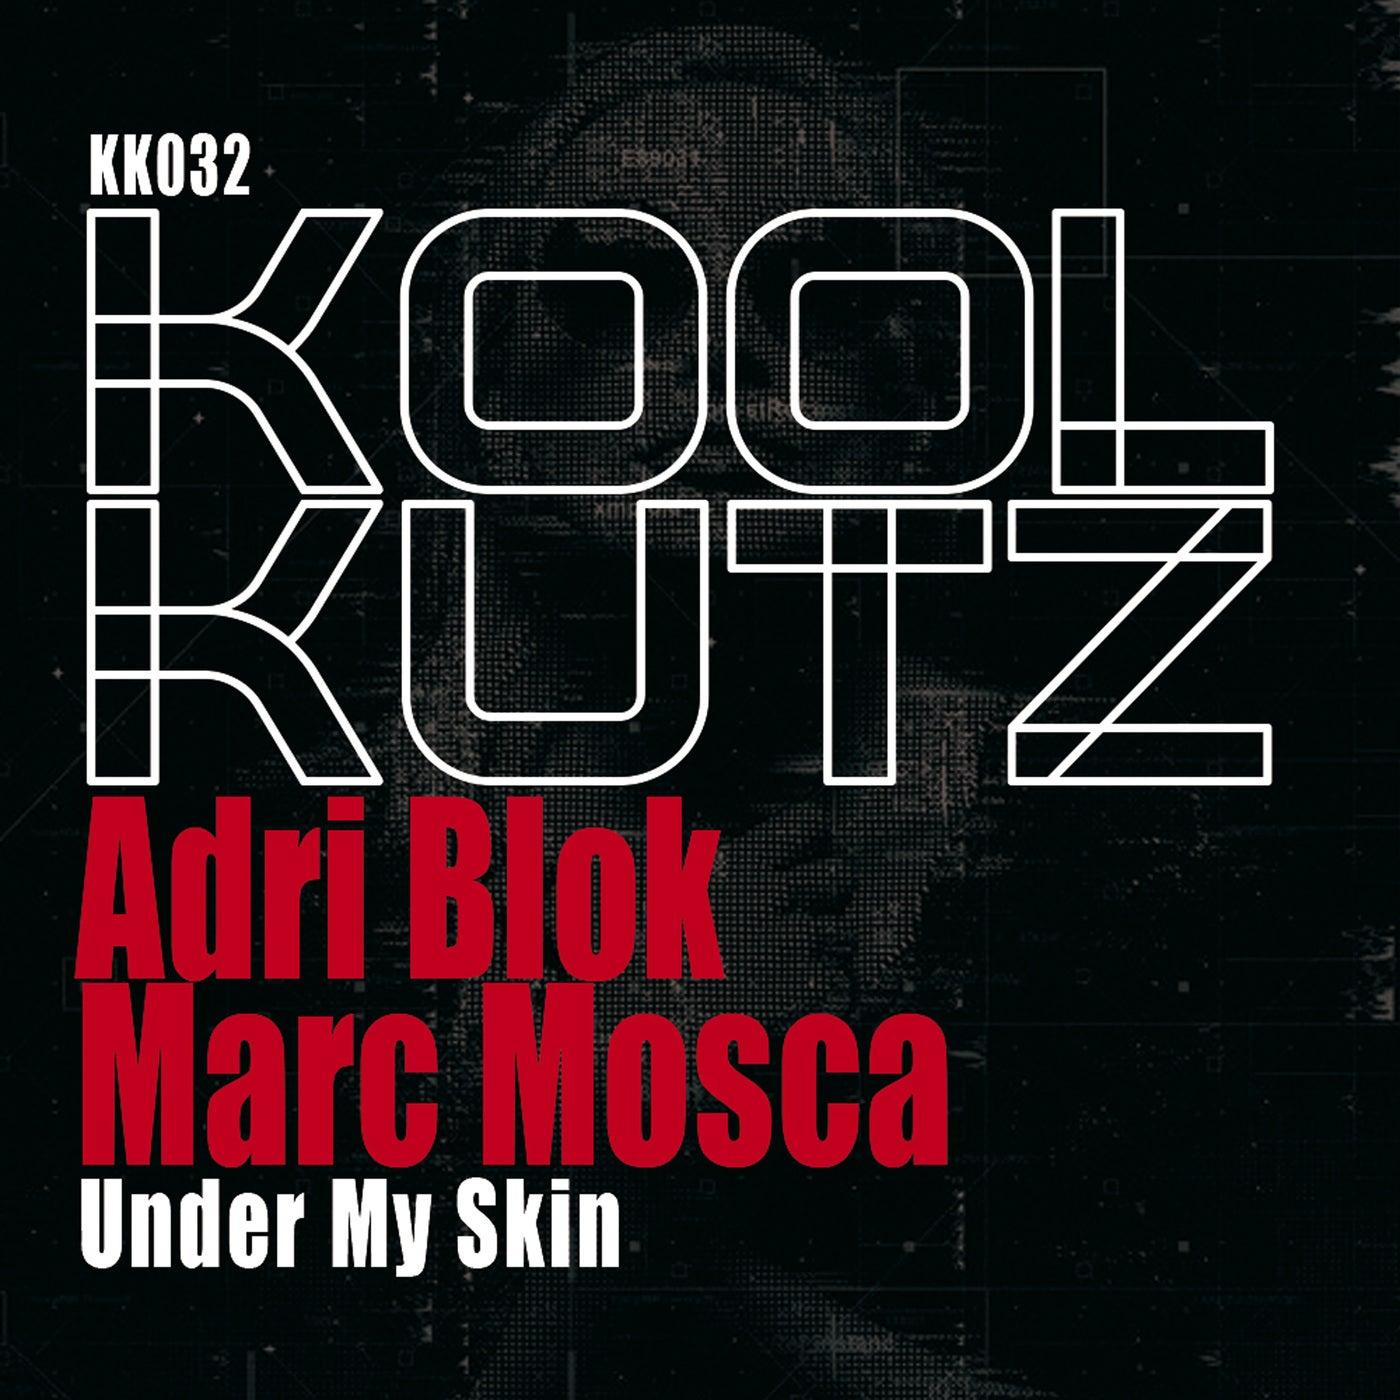 Under My Skin (Original Mix)